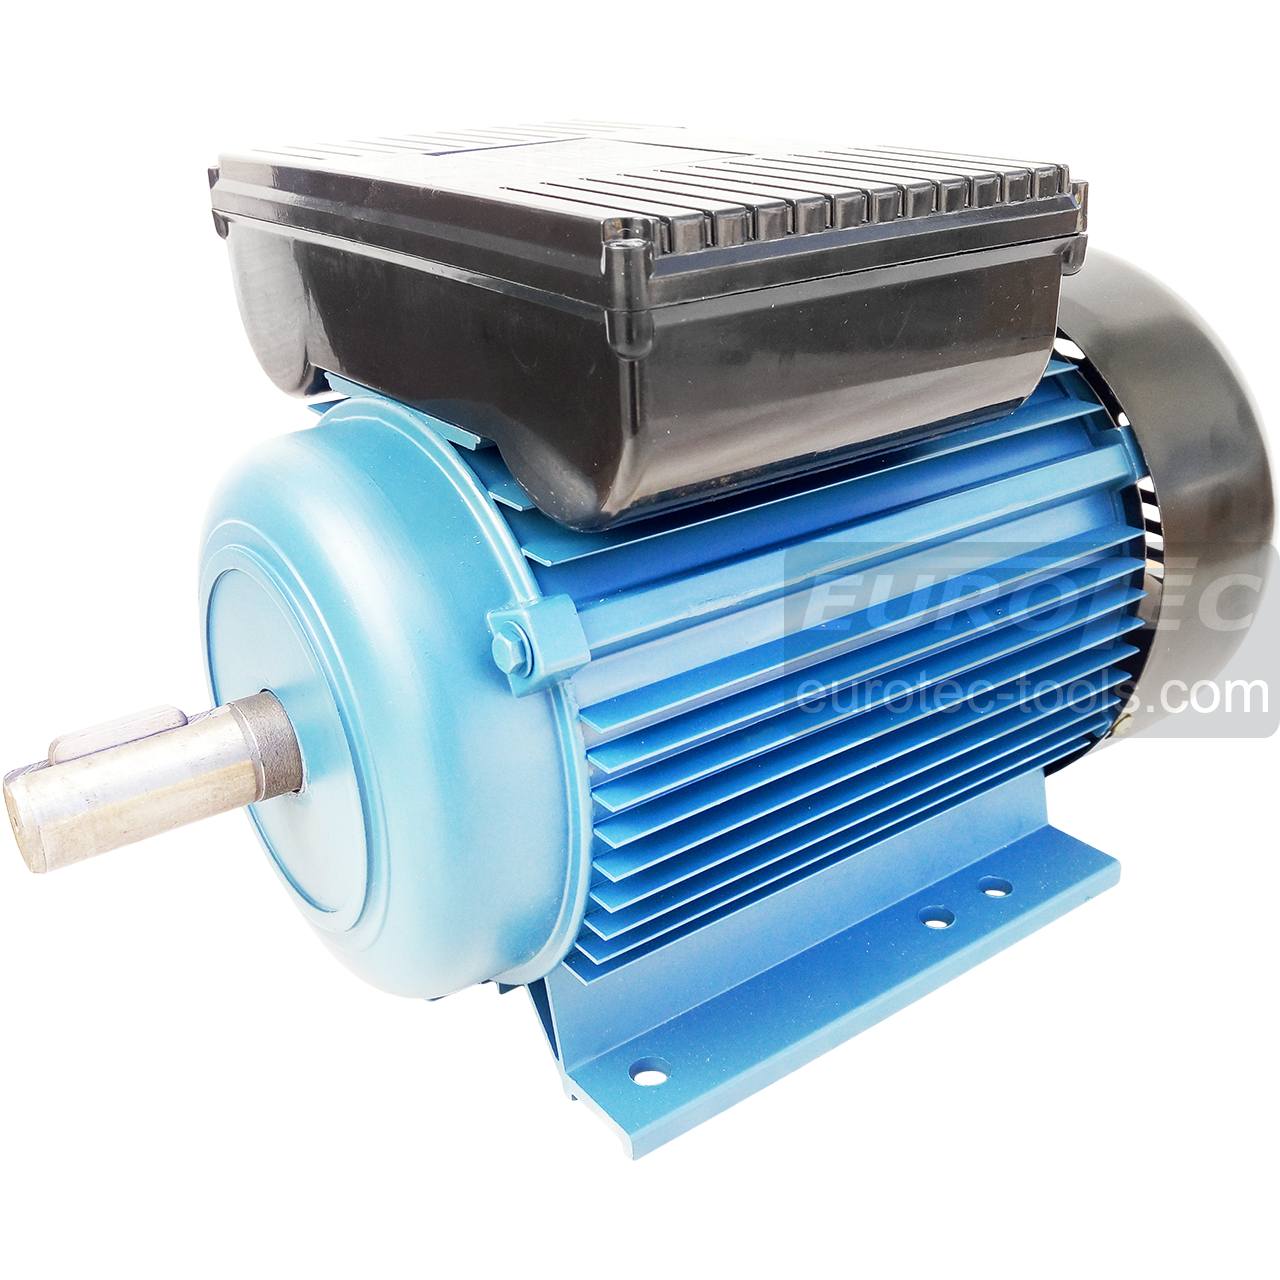 Асинхронный электродвигатель 2800 об. 1.5 кВт 220В Eurotec AT126 однофазный двигатель переменного тока 3000 об